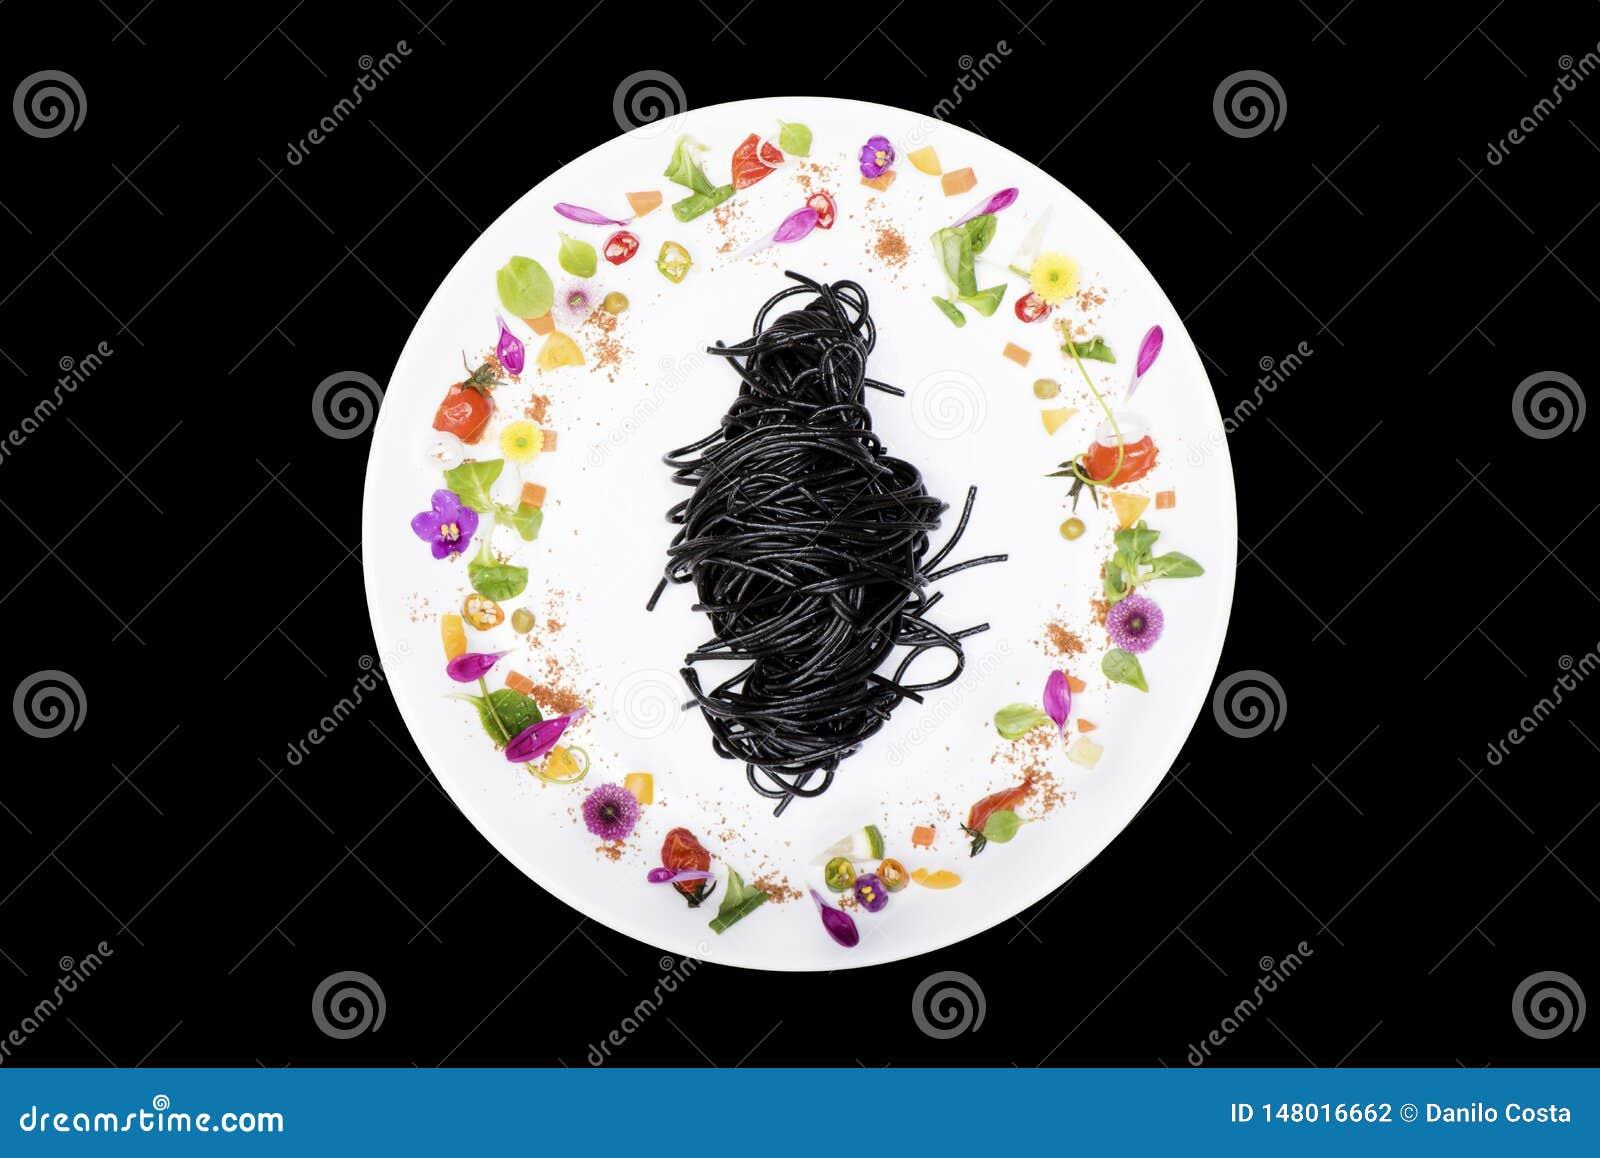 Μαύρα μακαρόνια καλαμαριών στο πιάτο με τη διακόσμηση λουλουδιών στο μαύρο υπόβαθρο